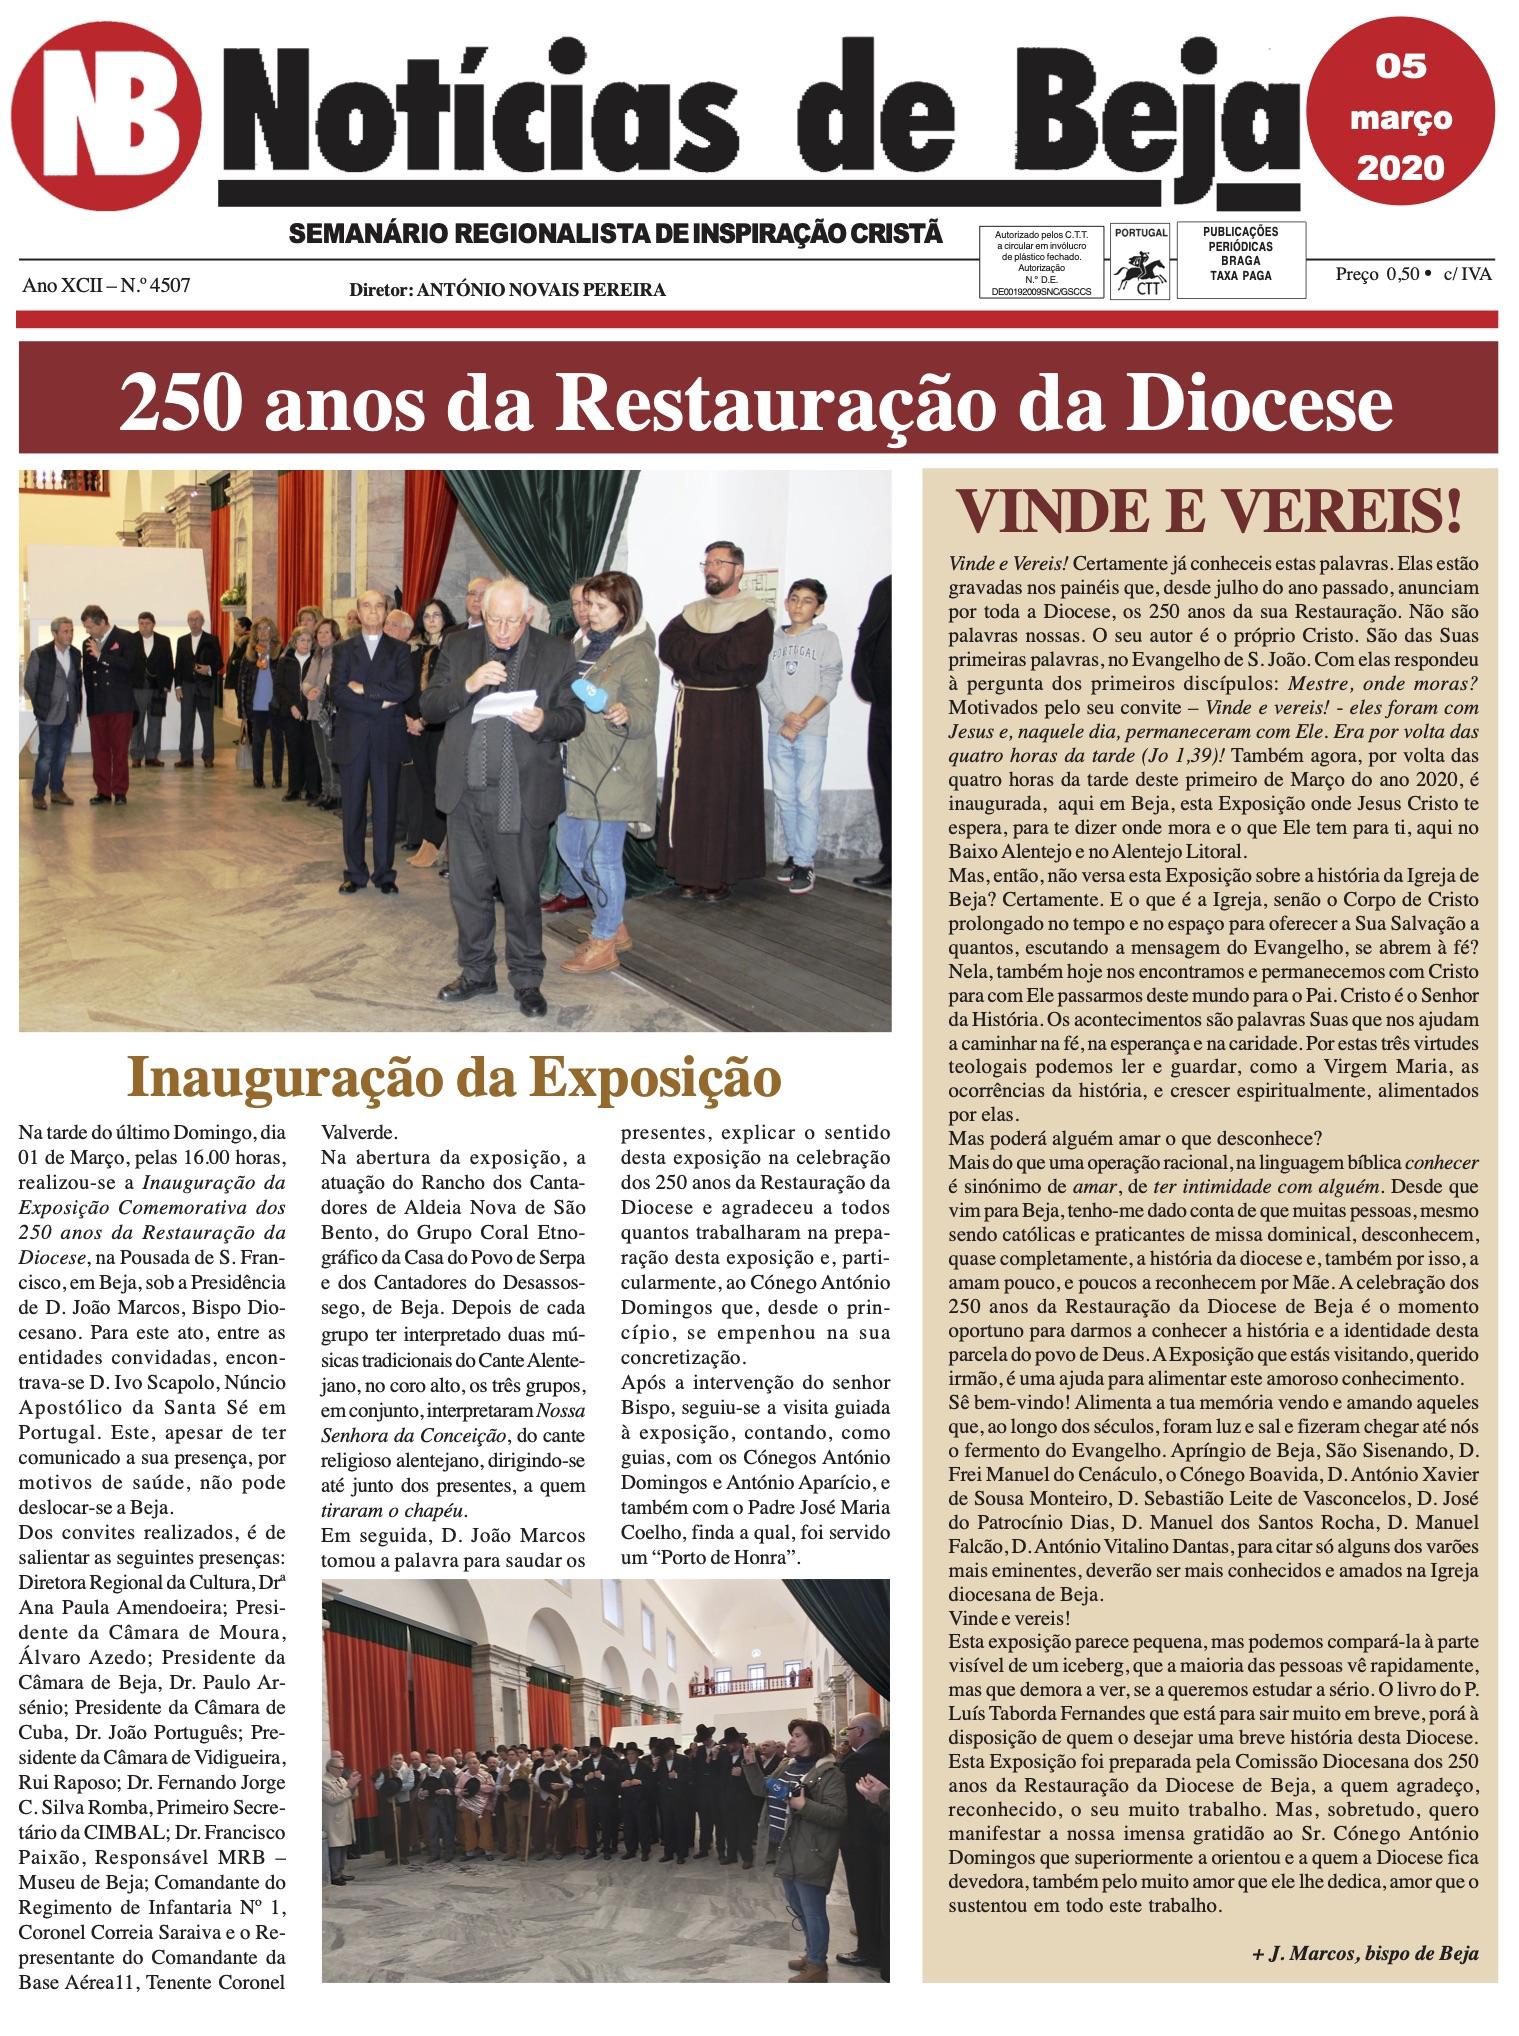 Jornal Notícias de Beja de 05 de Março de 2020